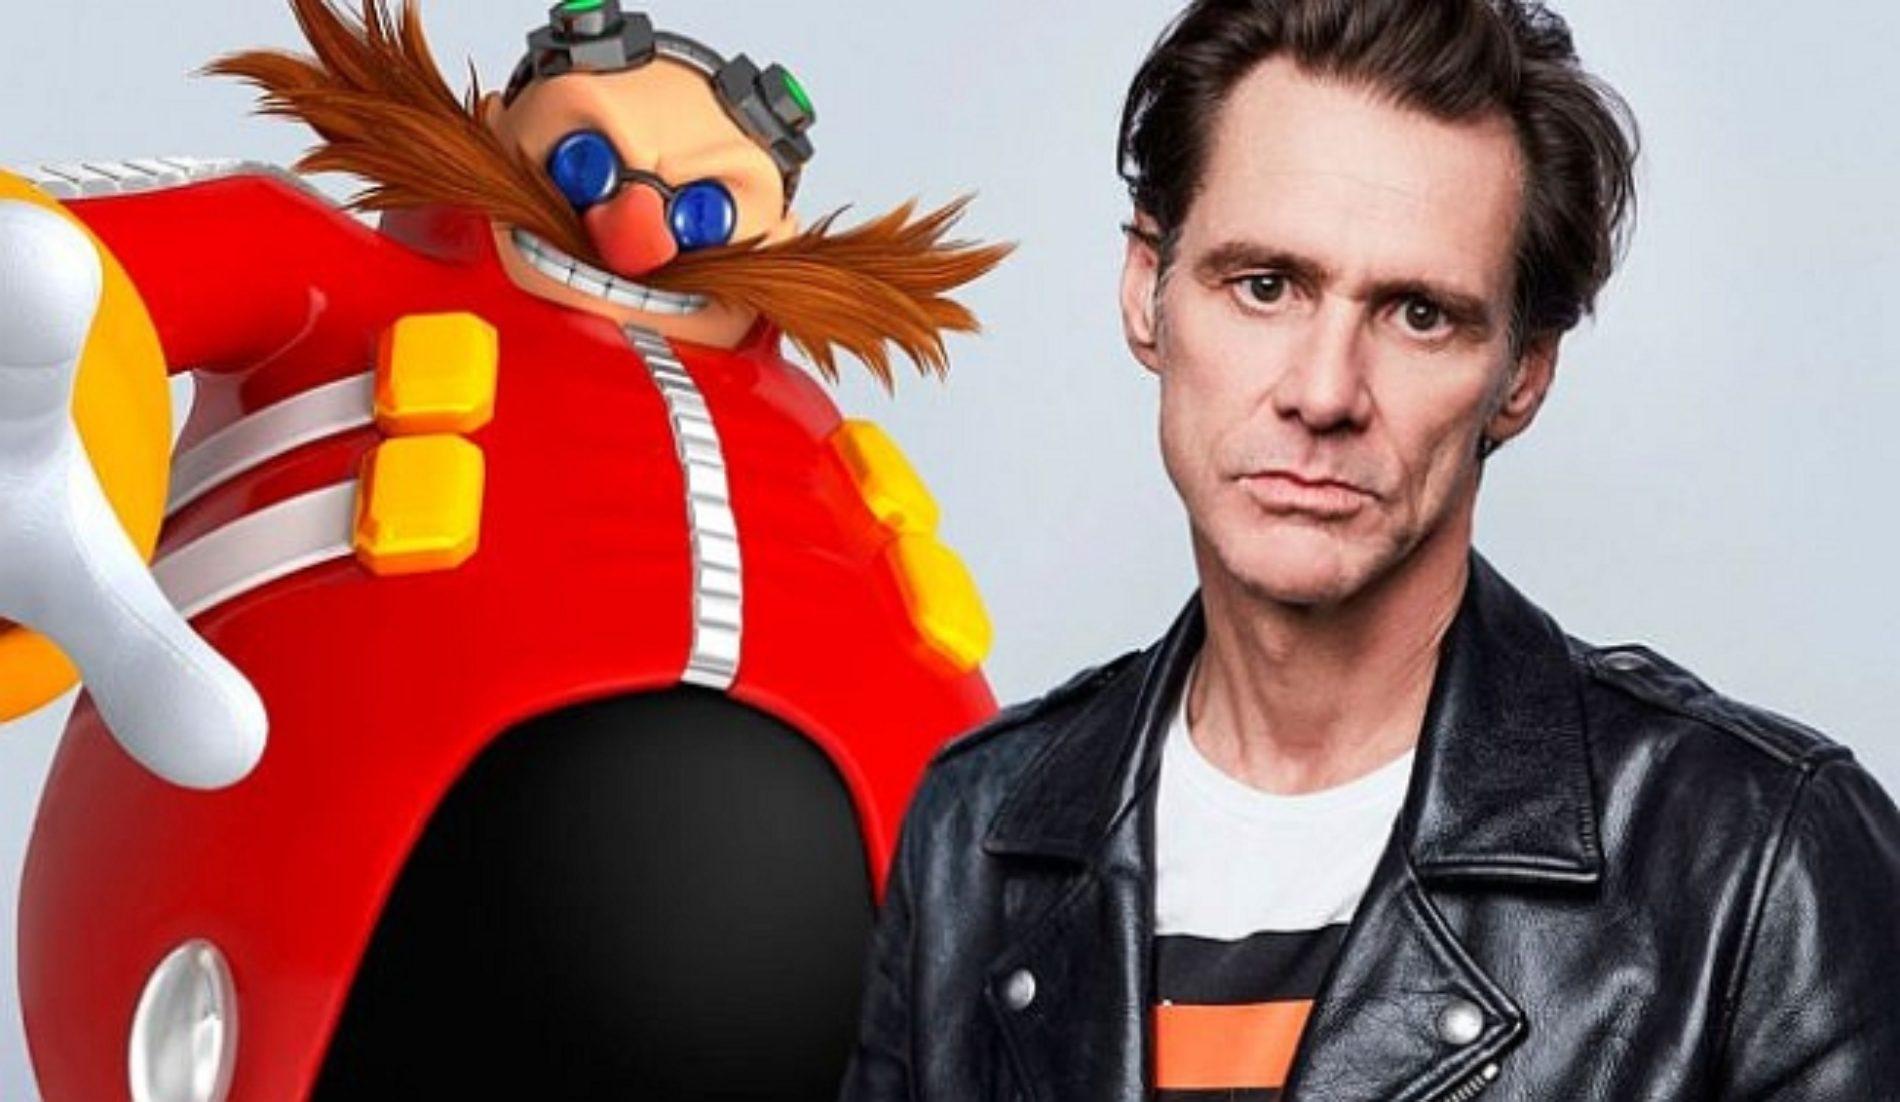 Volverá al cine Jim Carrey como el villano de 'Sonic the Hedgehog'